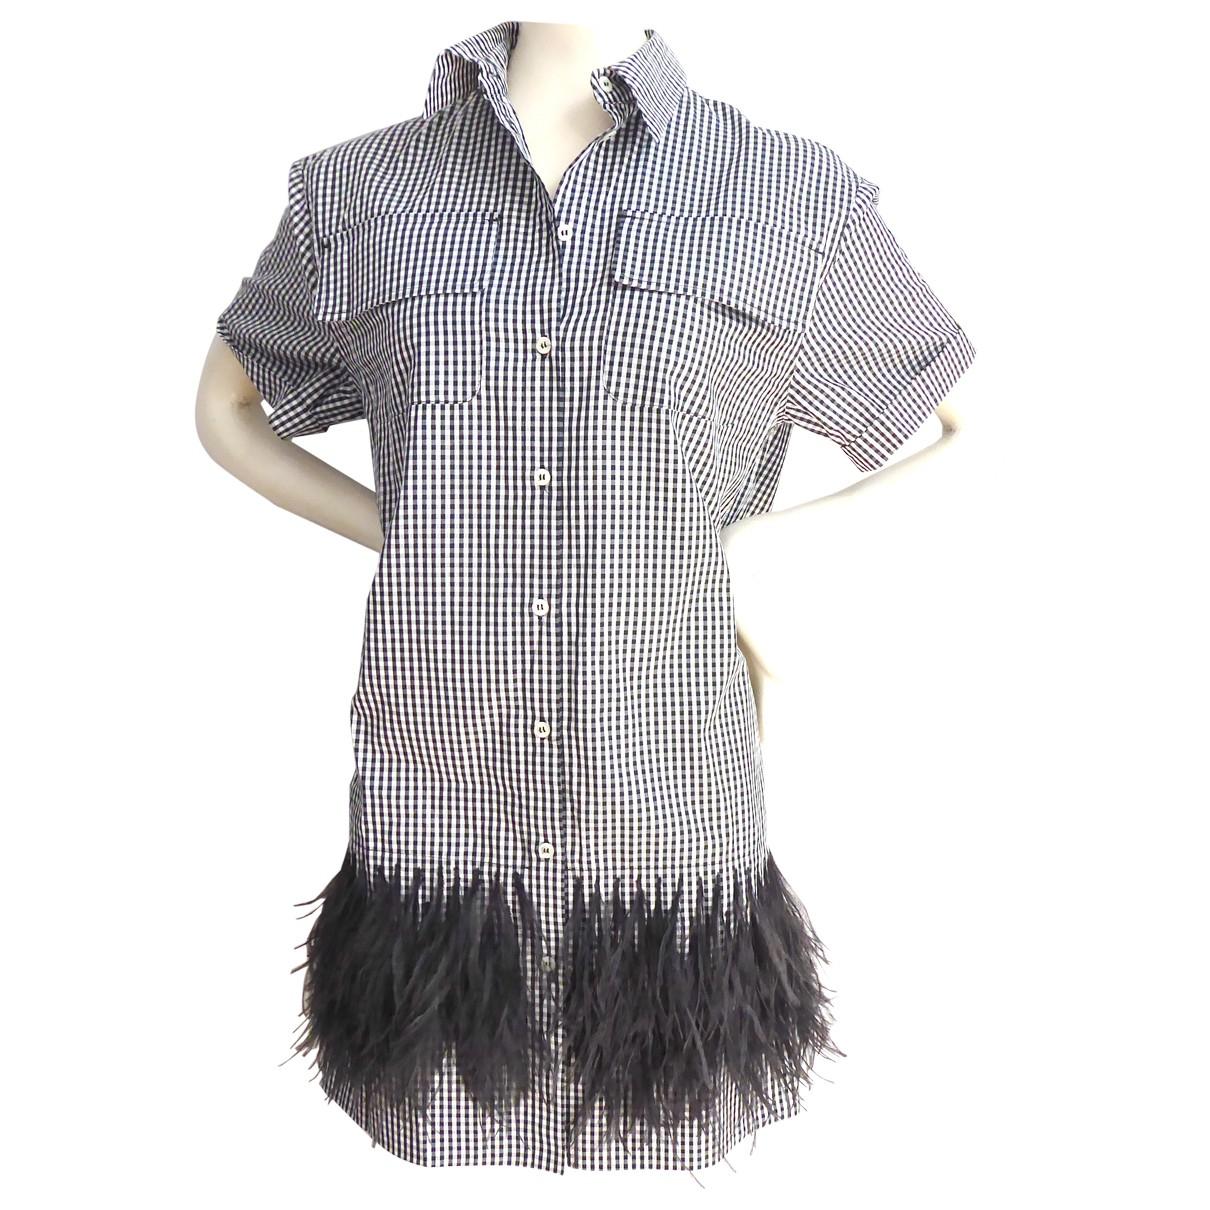 N°21 \N Navy Cotton dress for Women 38 IT